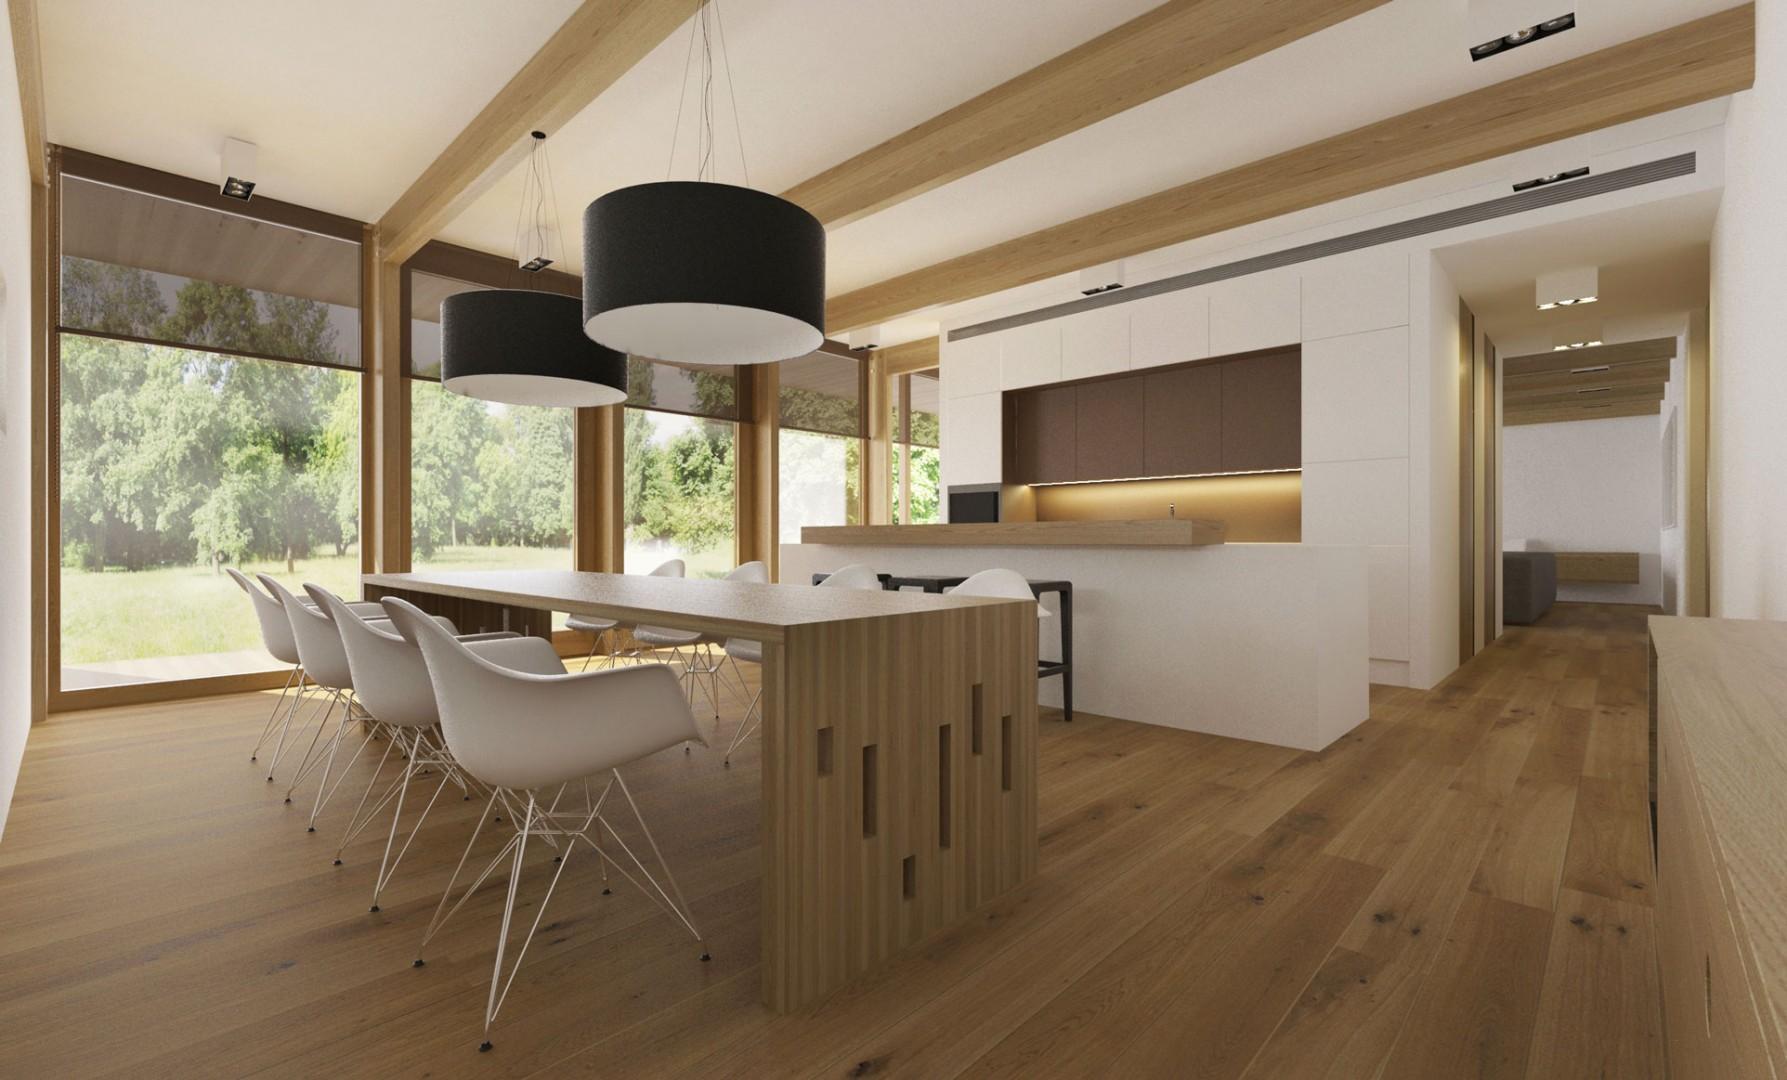 Návrh interiéru moderného drevodomu v Banskej Bystrici. Design interiéru drevostavby.